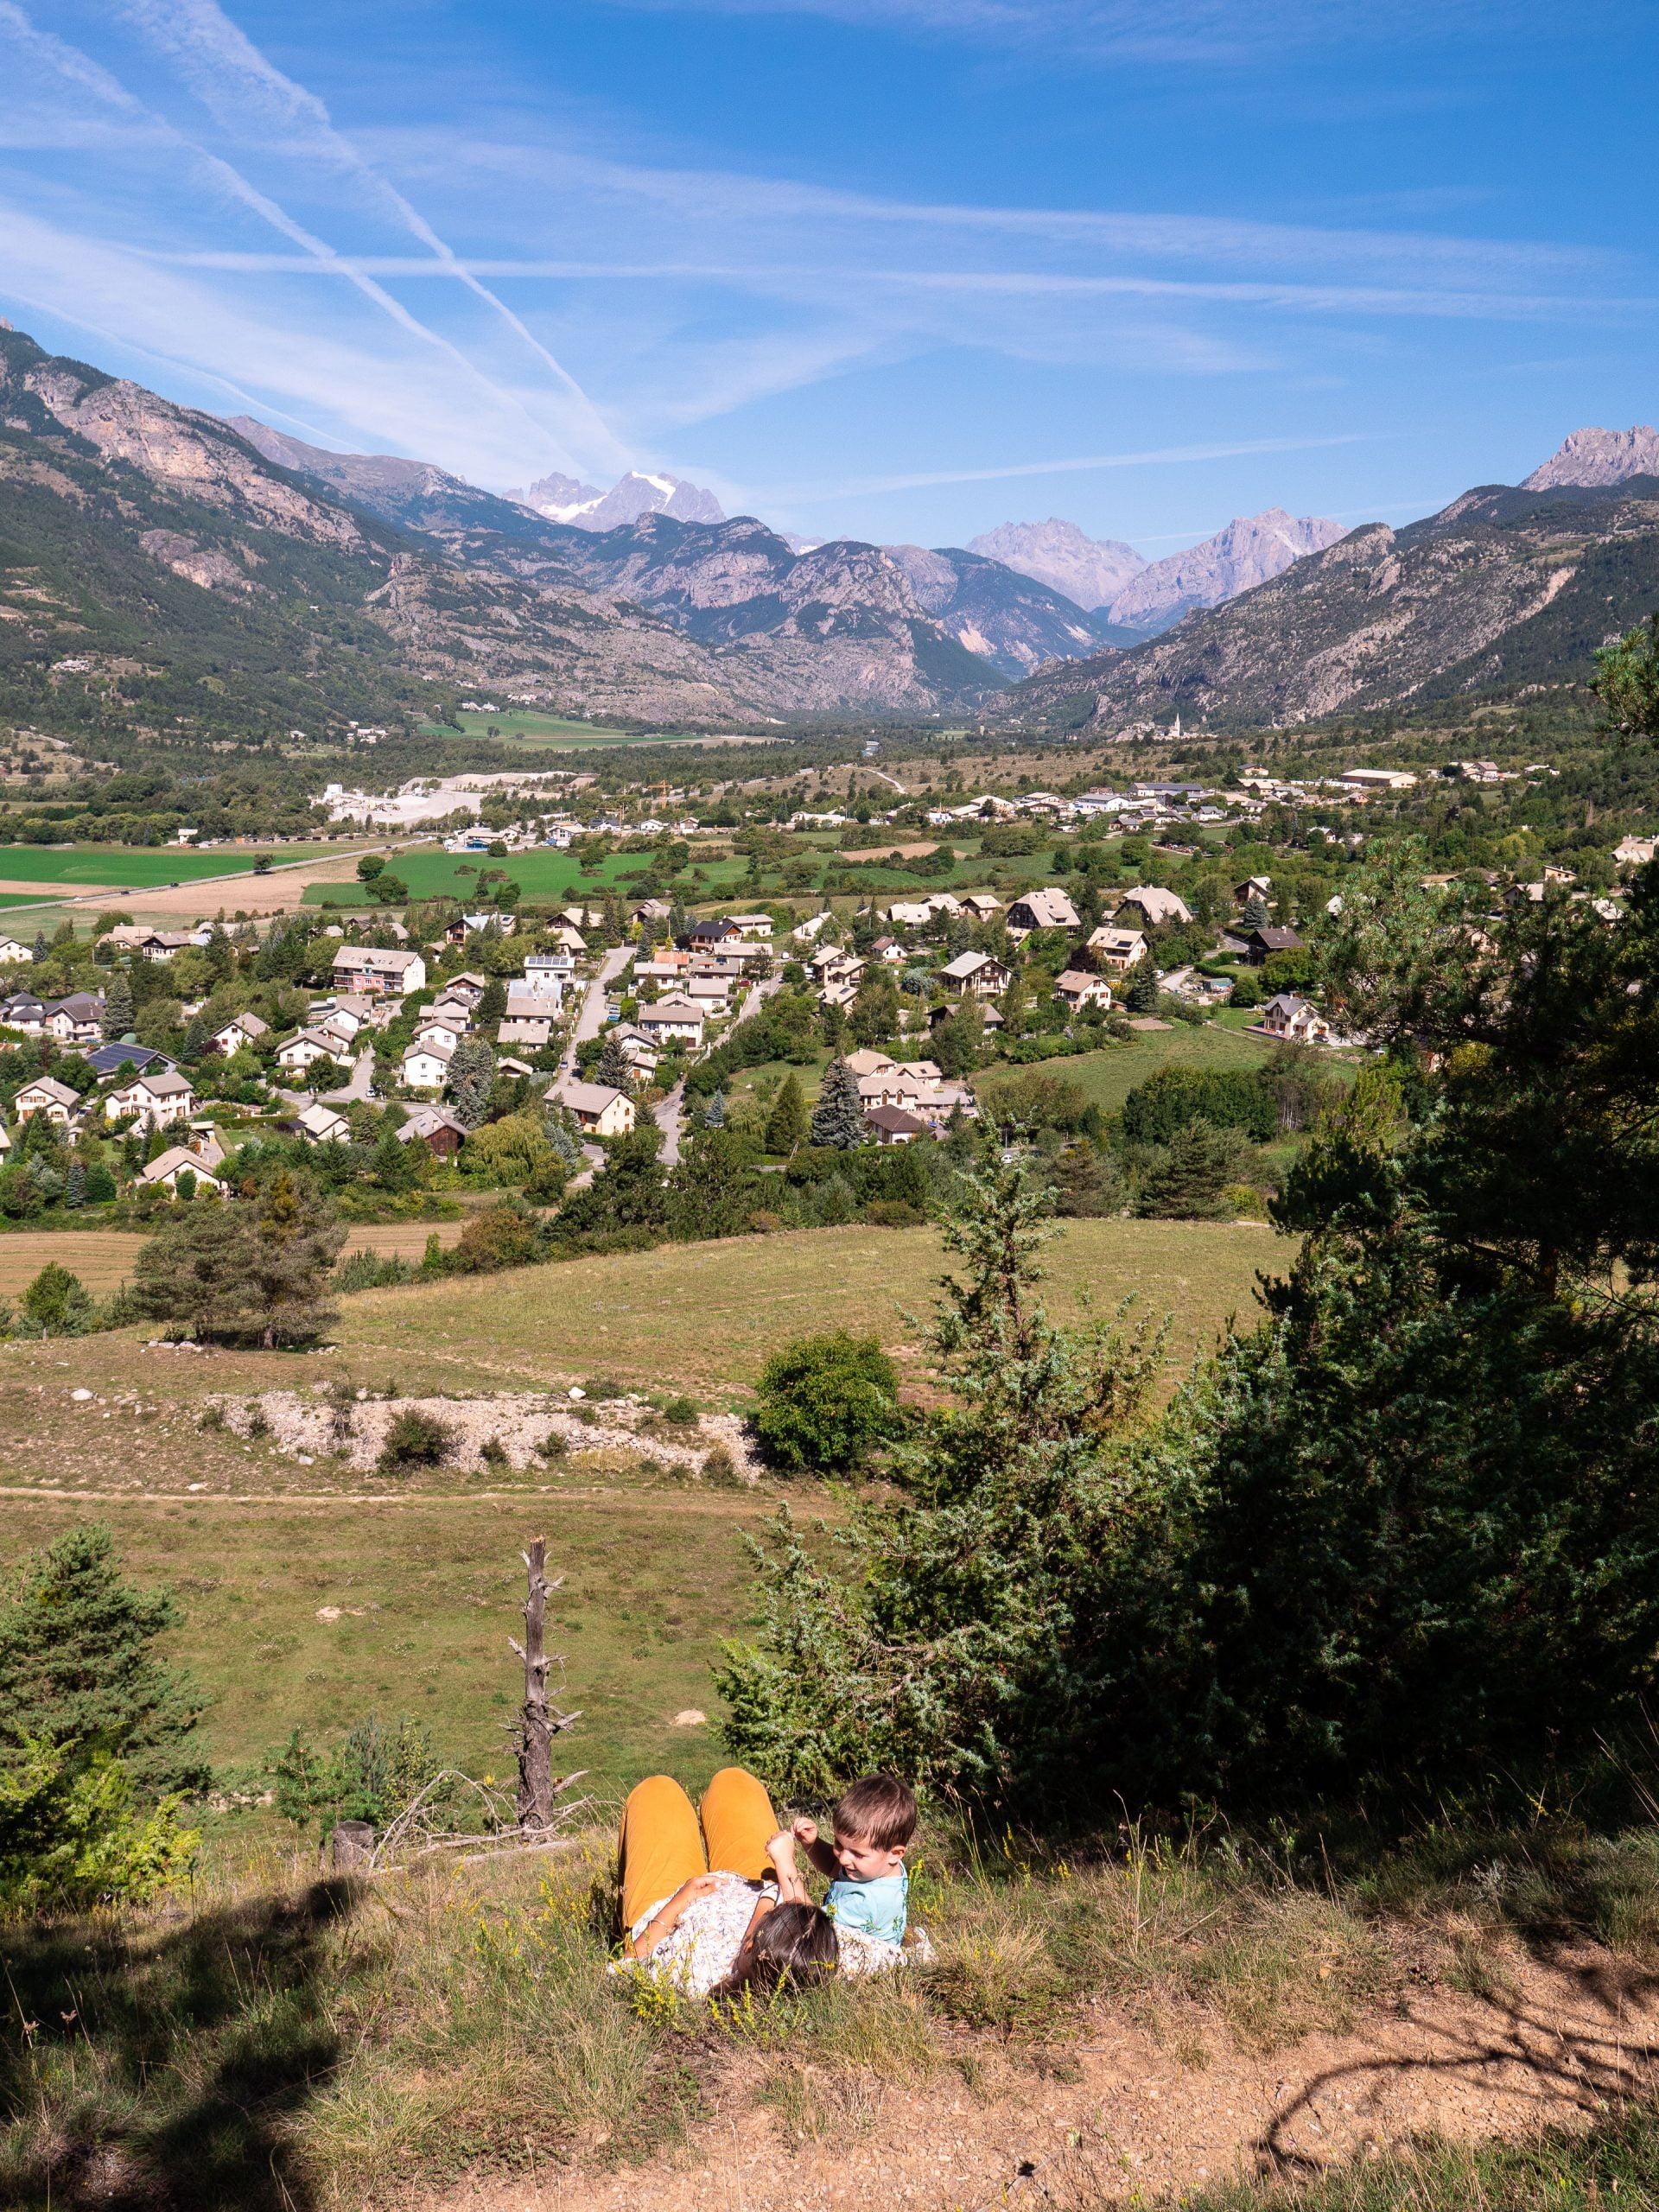 Guillestrois vue sentier marmotte scaled - Les globe blogueurs - blog voyage nature